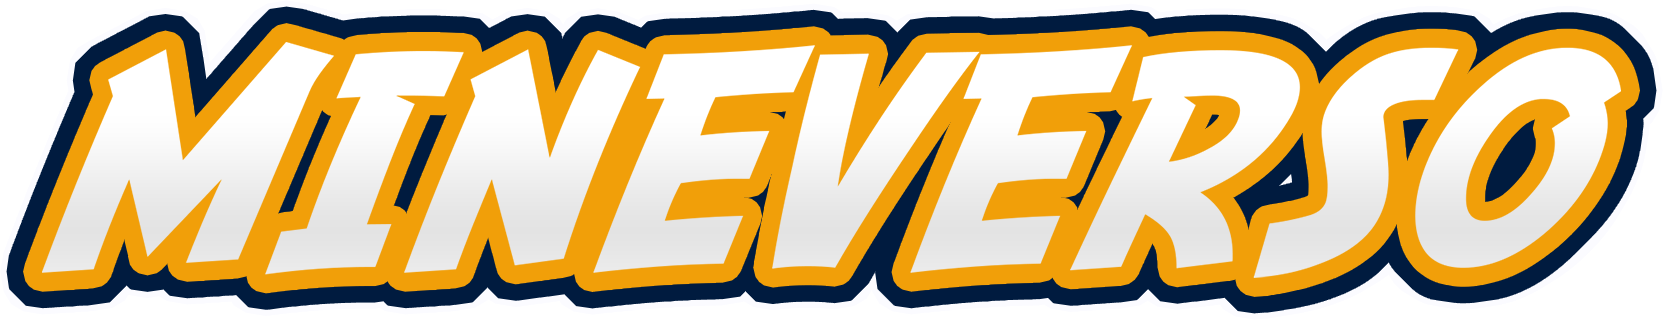 logo-brand-nav